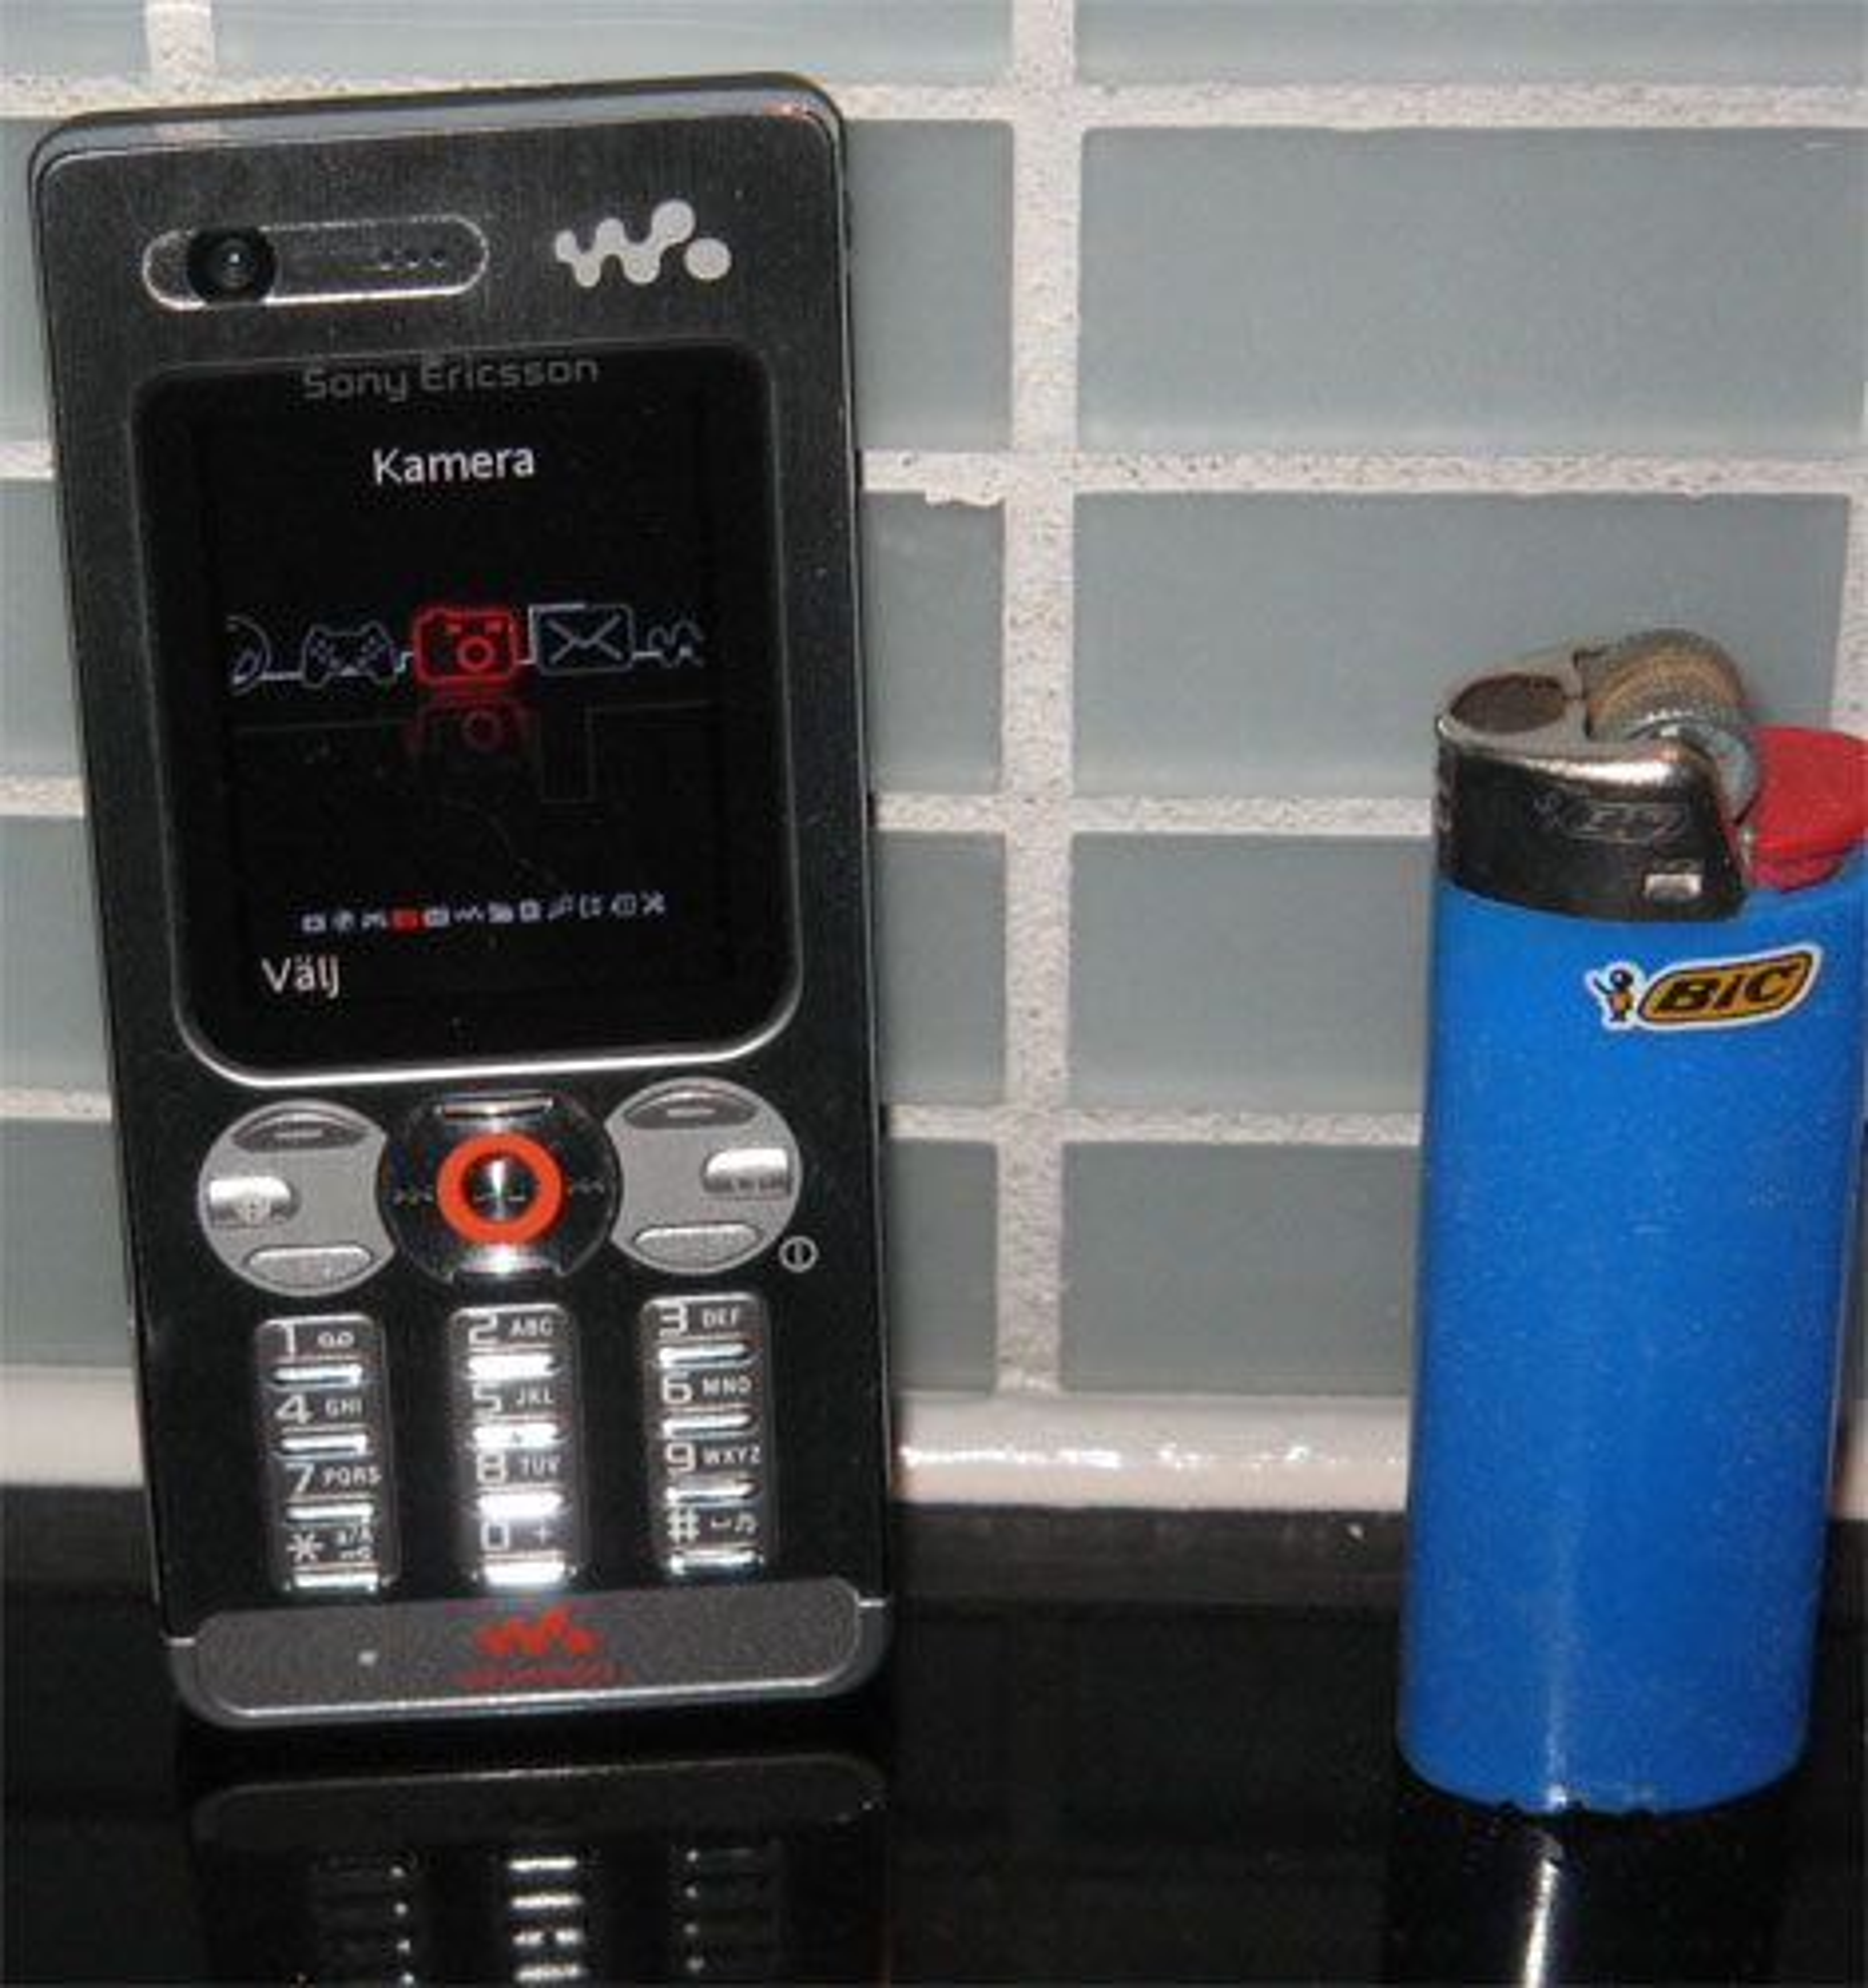 Sony Ericsson W880i er knøttliten. (Foto: Mobil.se/Linus Brohult)